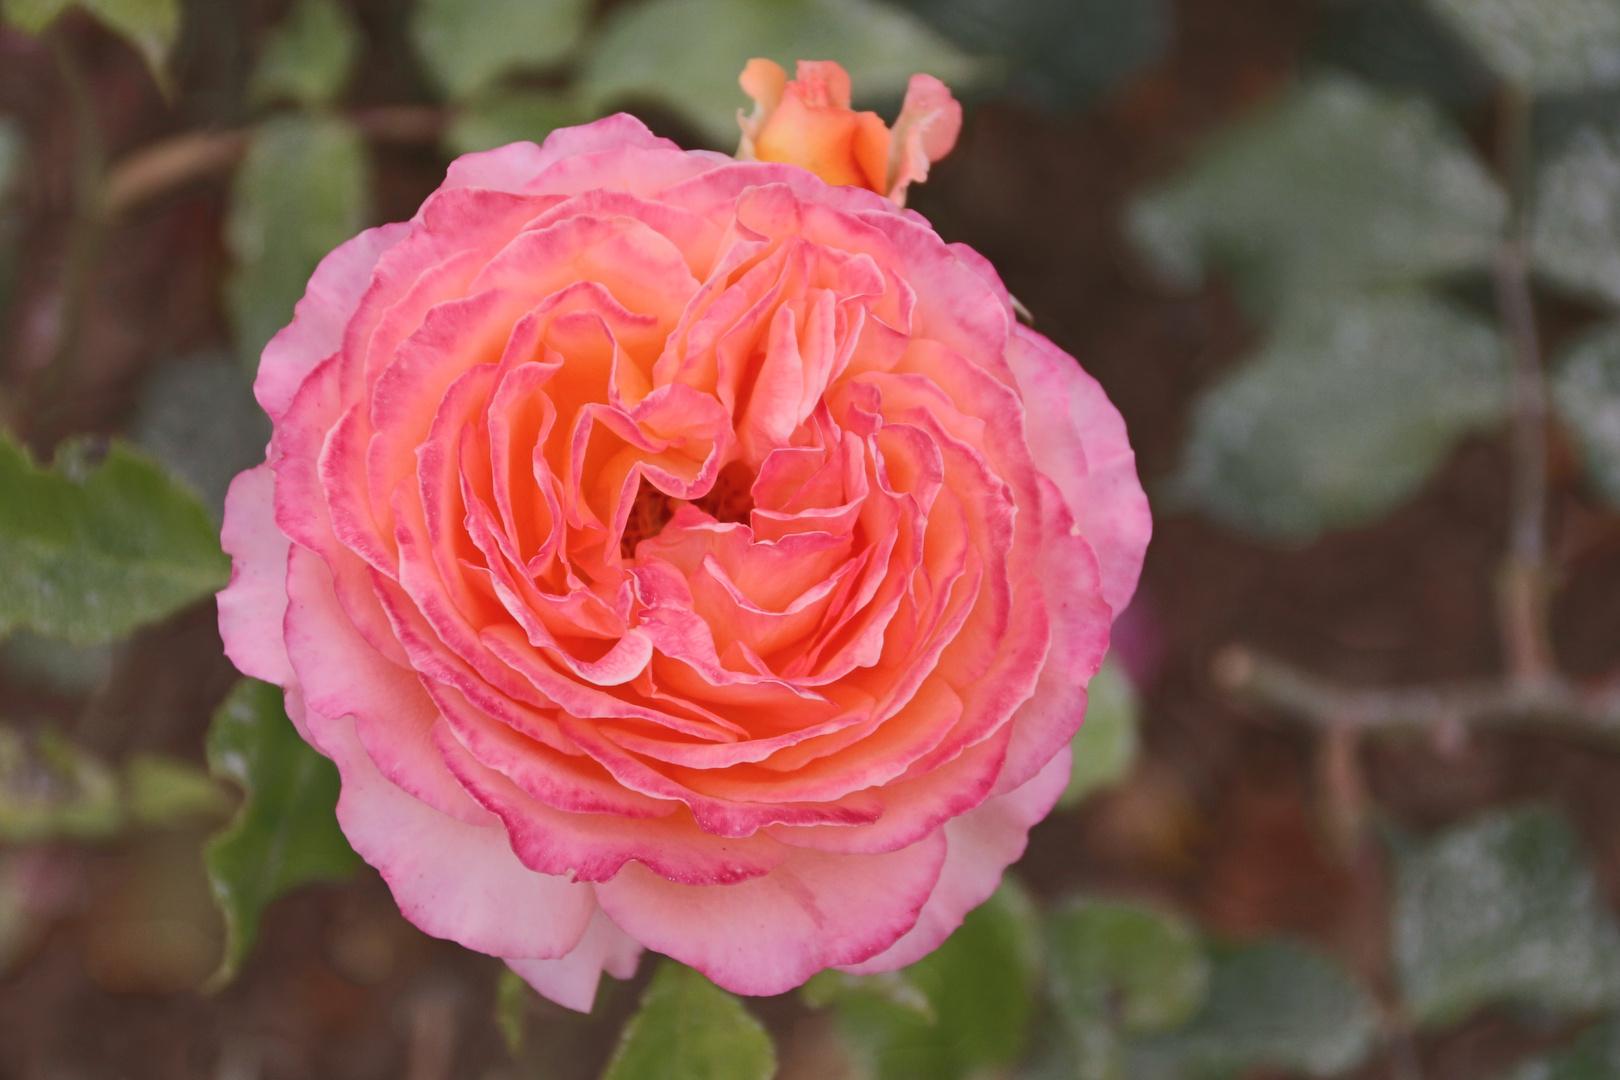 Das Röschen vom Rosengarten